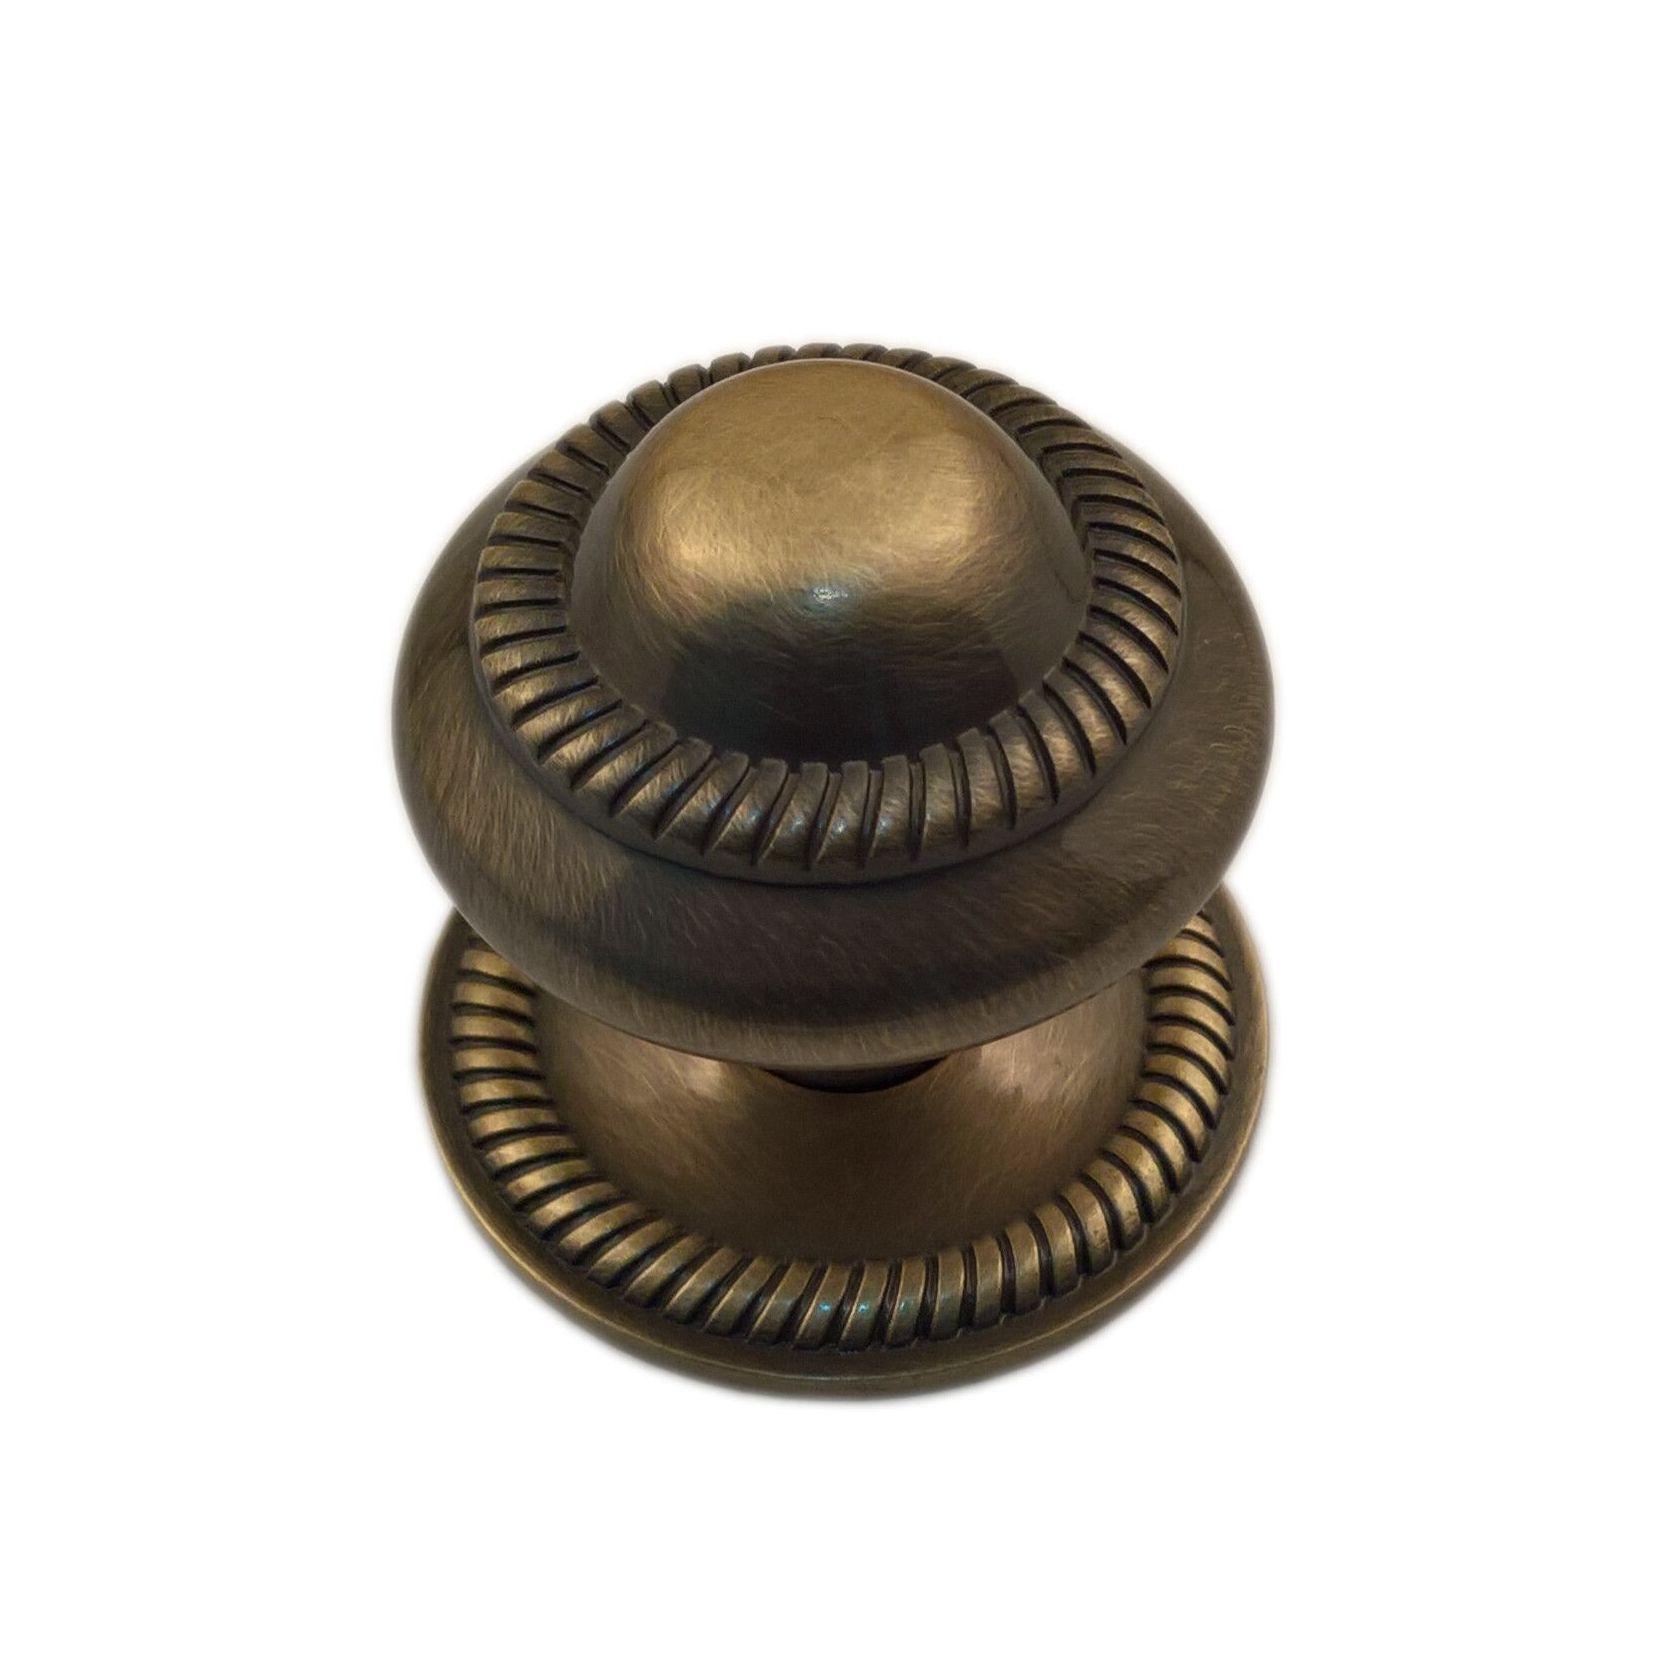 B&q Antique Antique Brass Round Internal Knob Furniture Knob